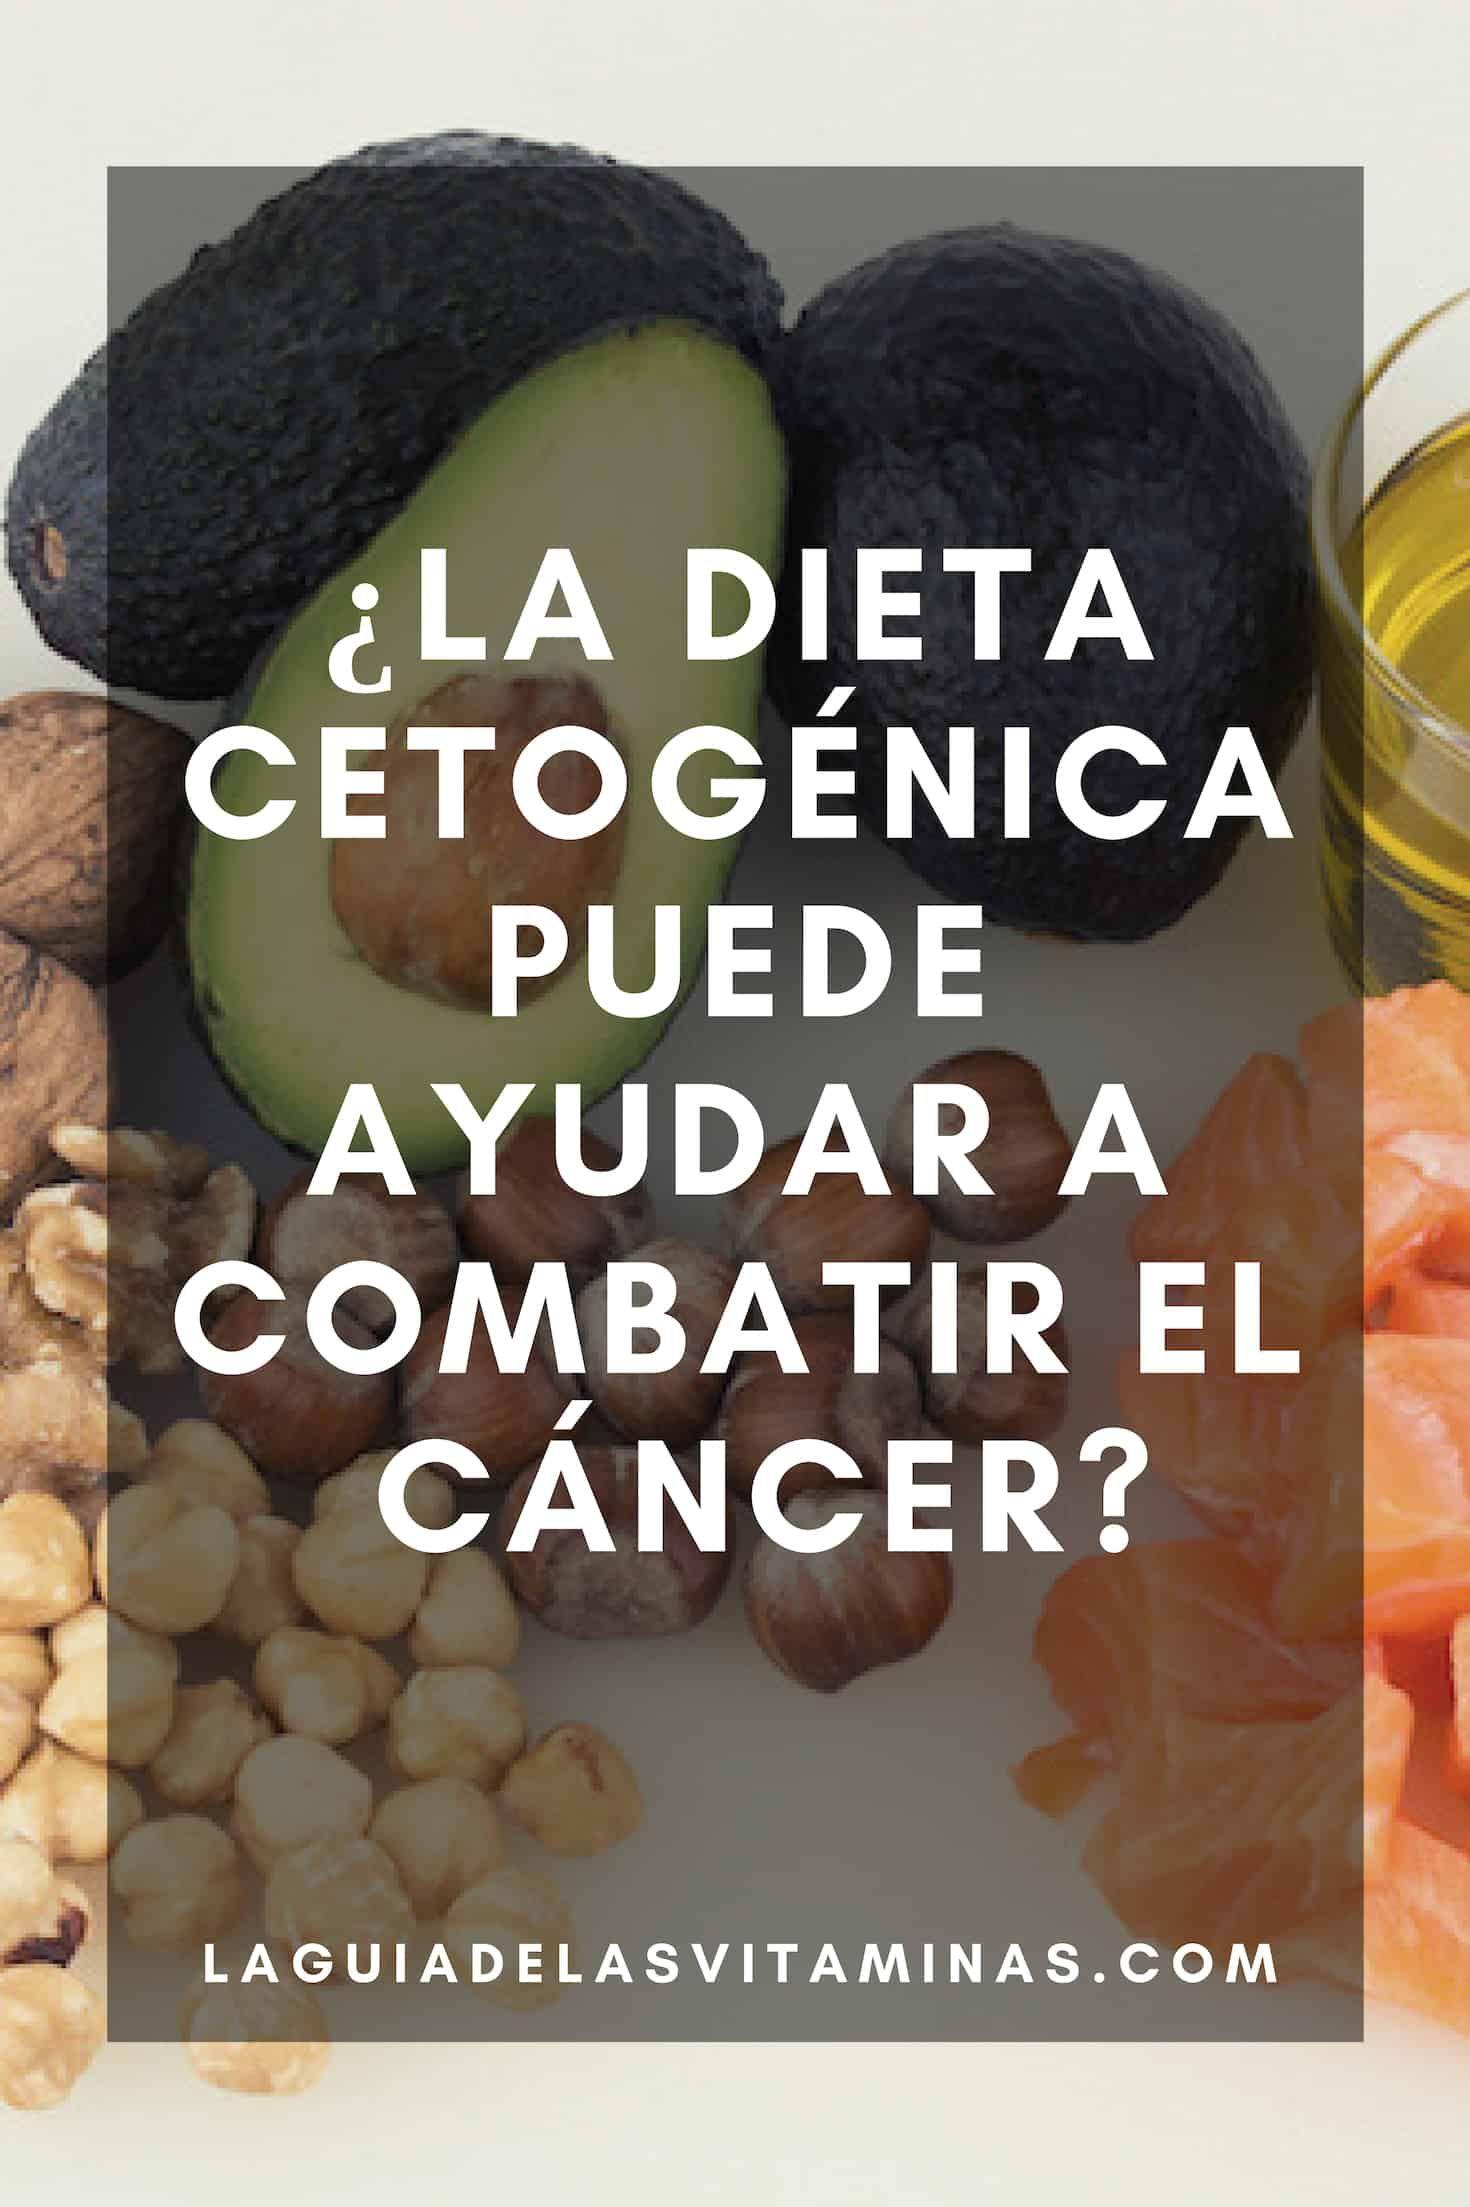 dieta cetogénica tratamiento para el cancer